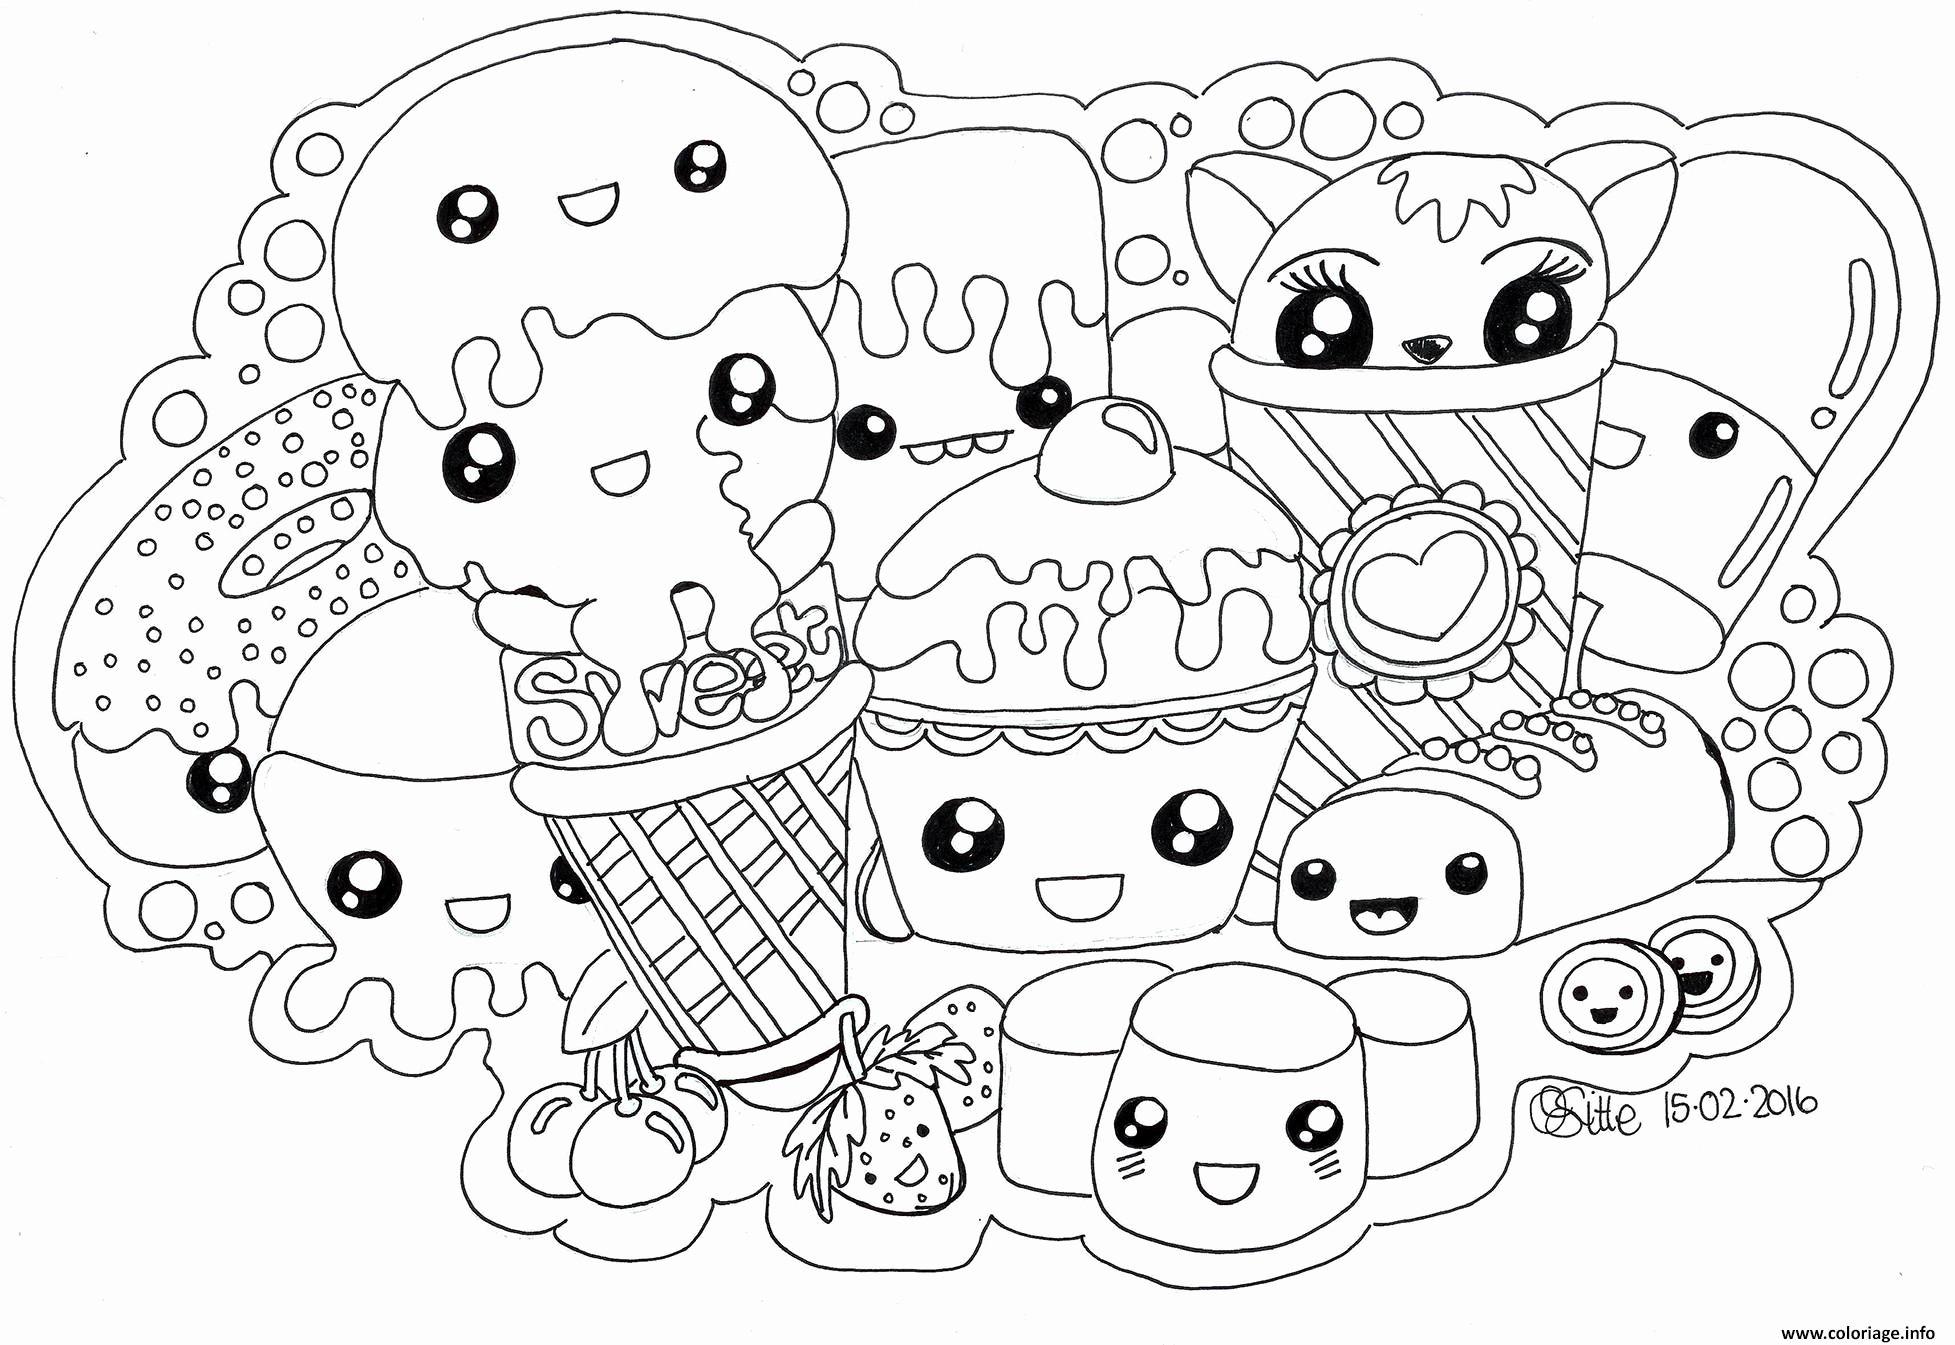 Resultats De Recherche D Images Pour Dessin De Livre Ouvert A Imprimer Kawaii Tekeningen Kleurplaten Doodle Ideeen